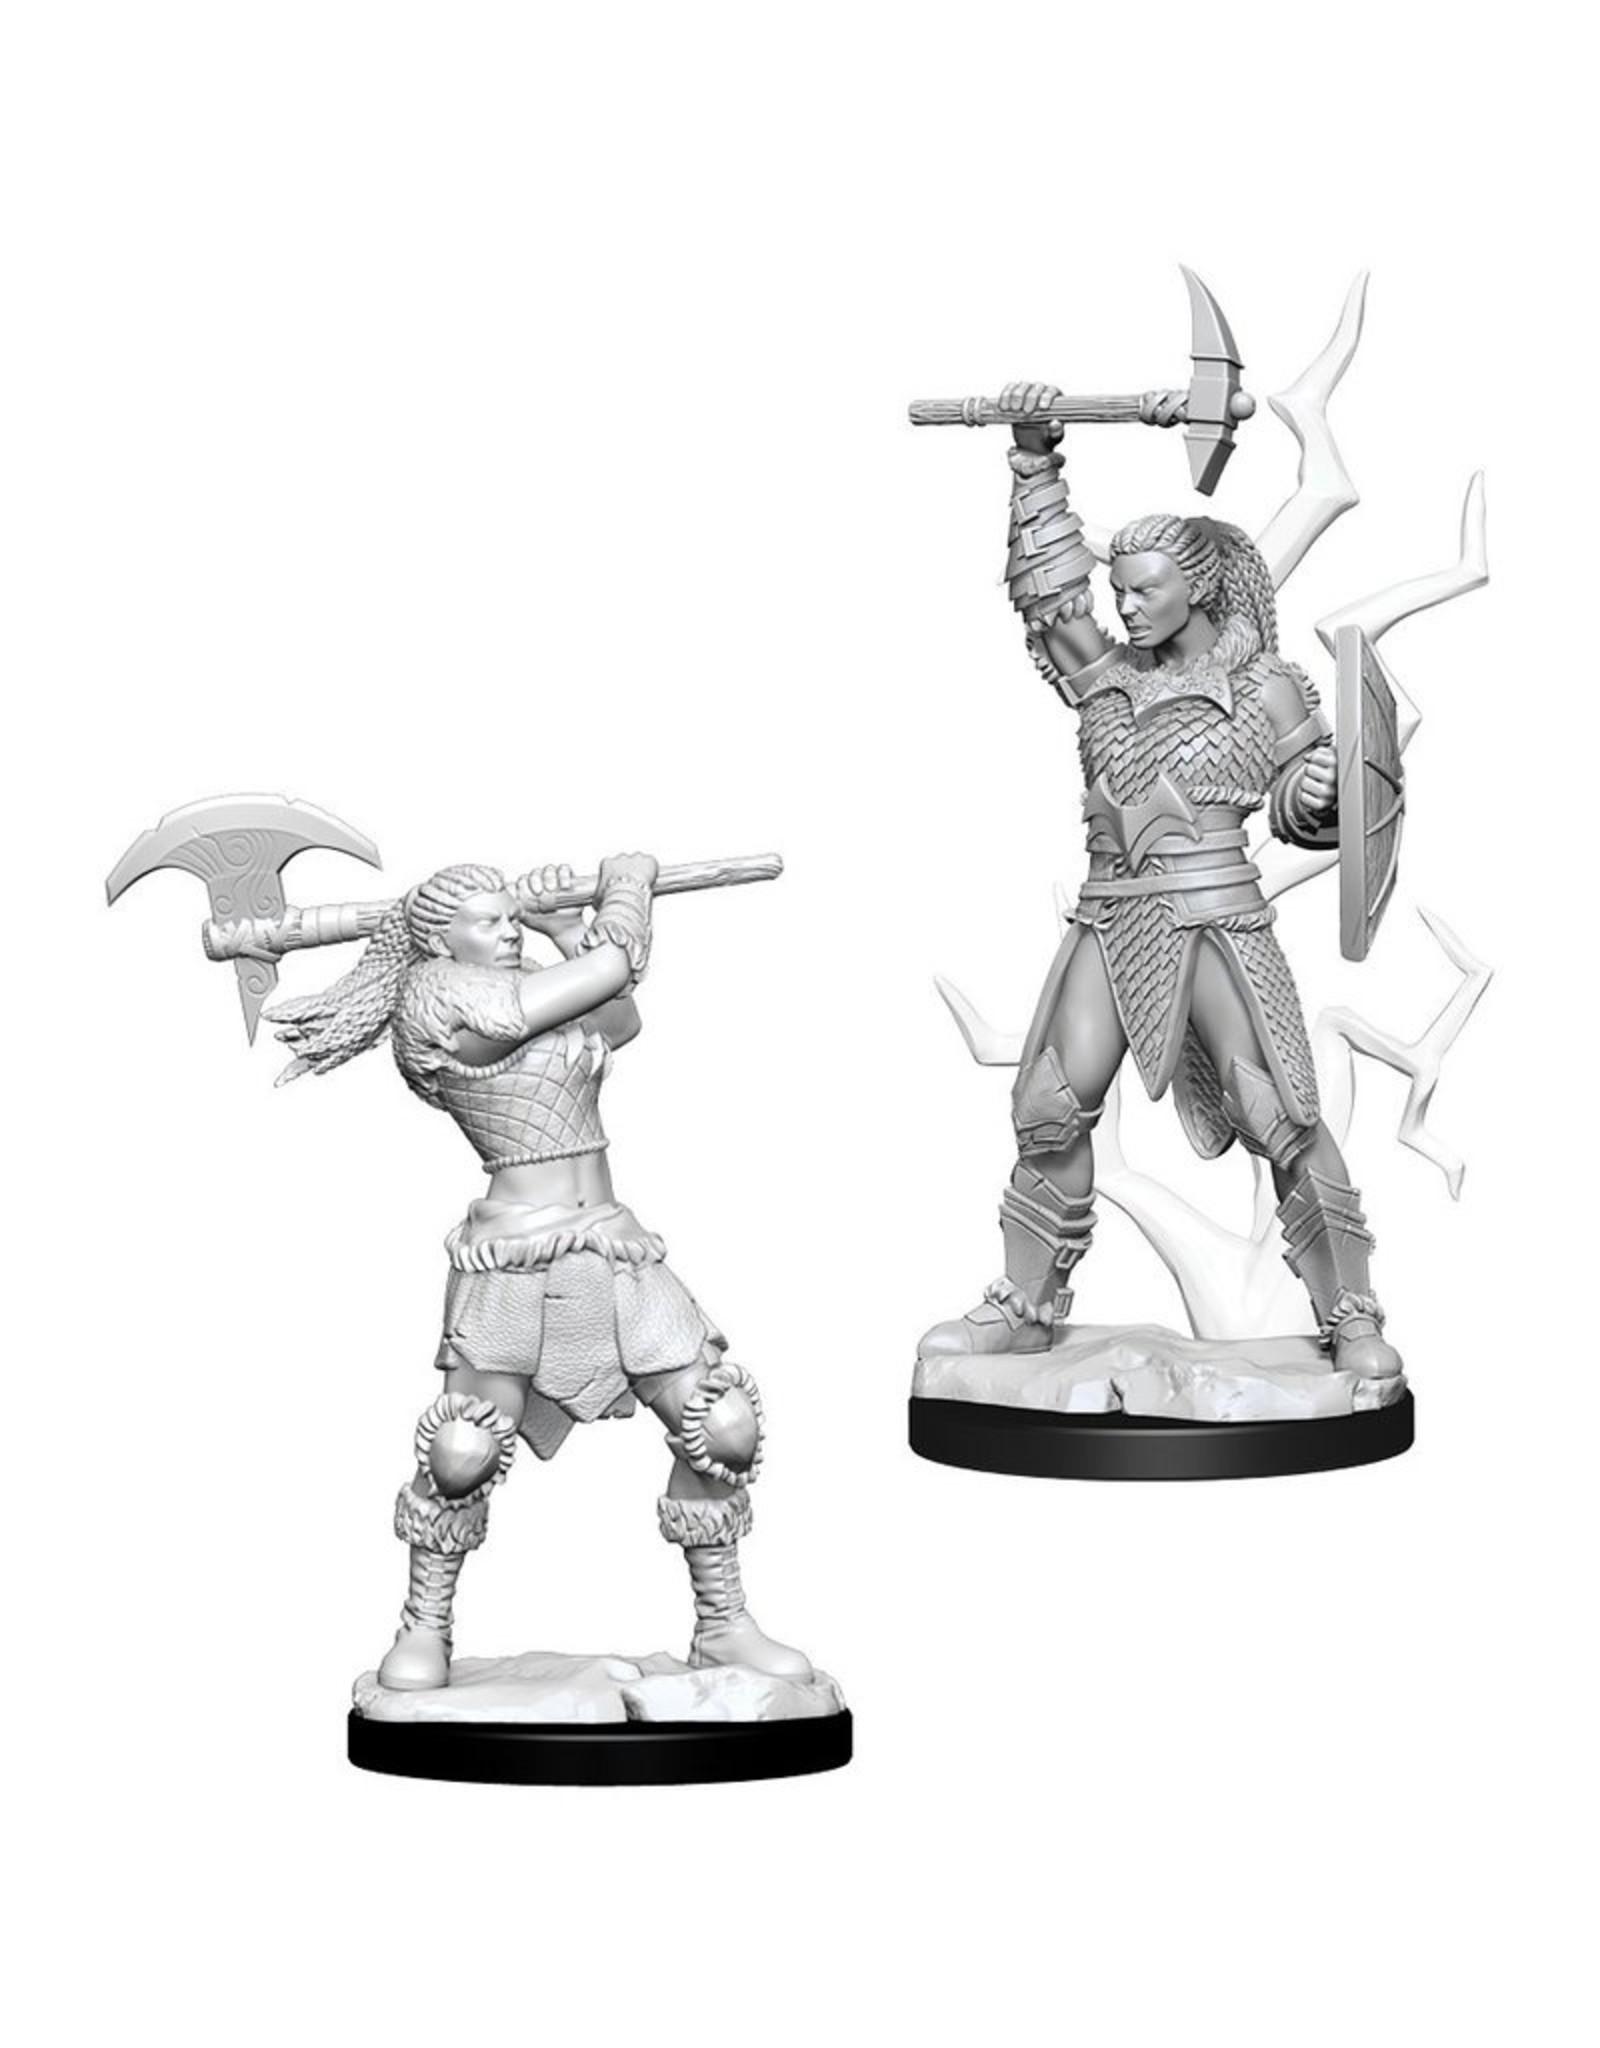 Wiz Kids D&D NMU: W10 Female Goliath Barbarian